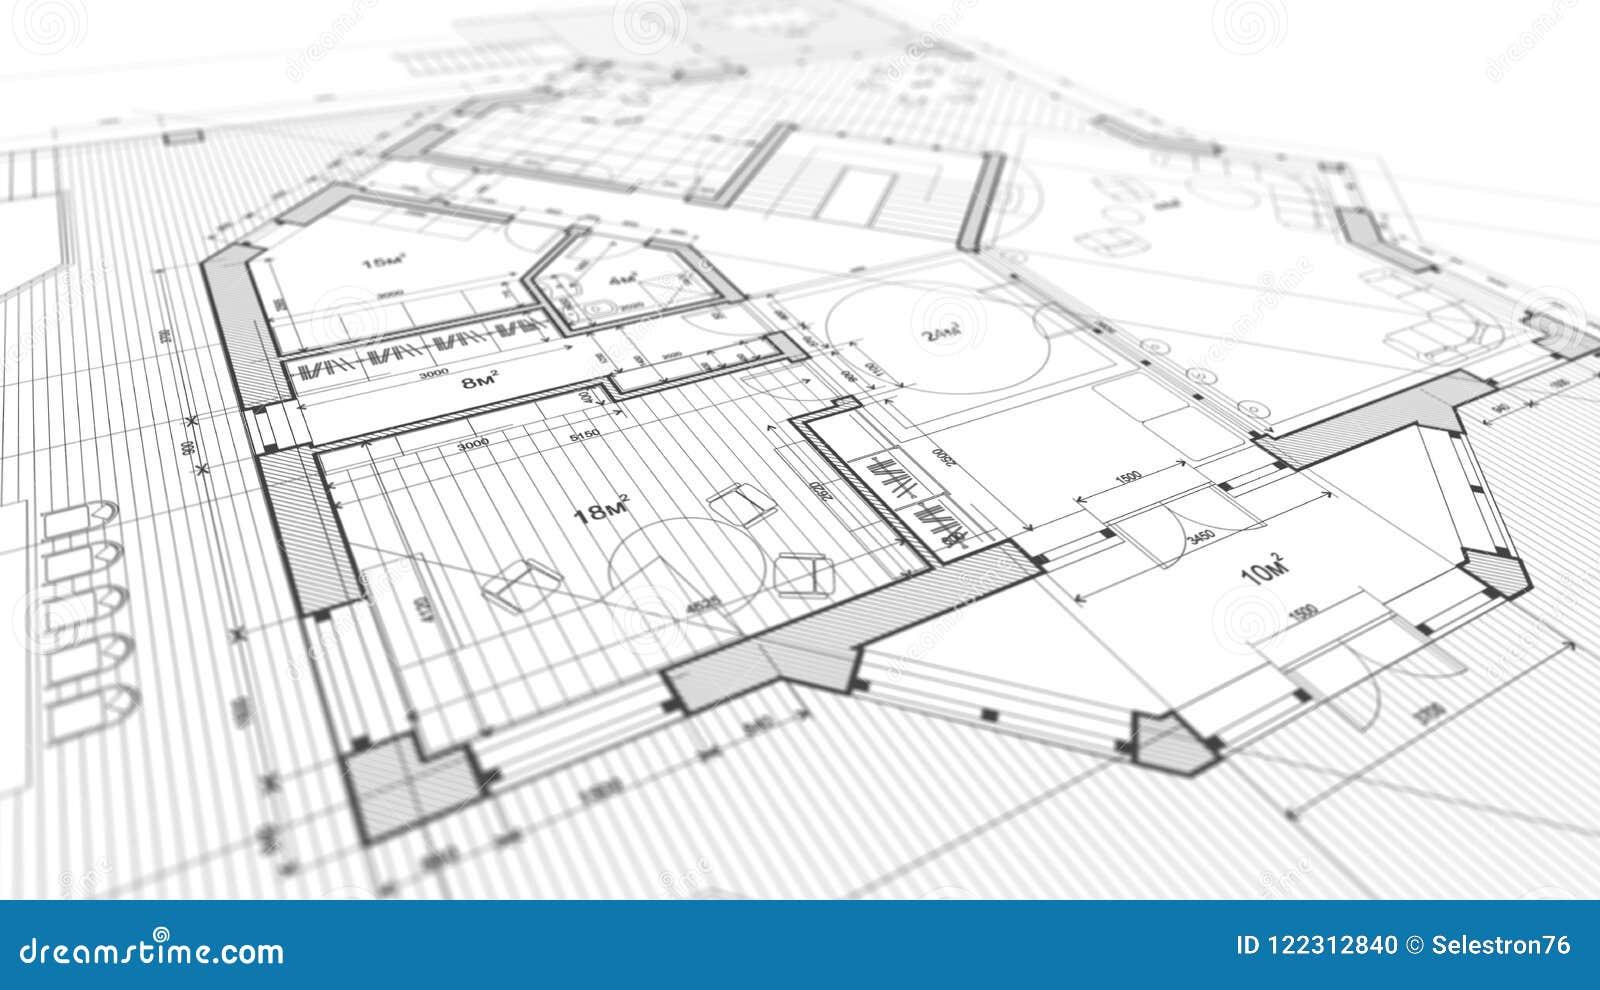 Σχέδιο αρχιτεκτονικής: σχέδιο σχεδιαγραμμάτων - απεικόνιση ενός νεαρού δικυκλιστή σχεδίων